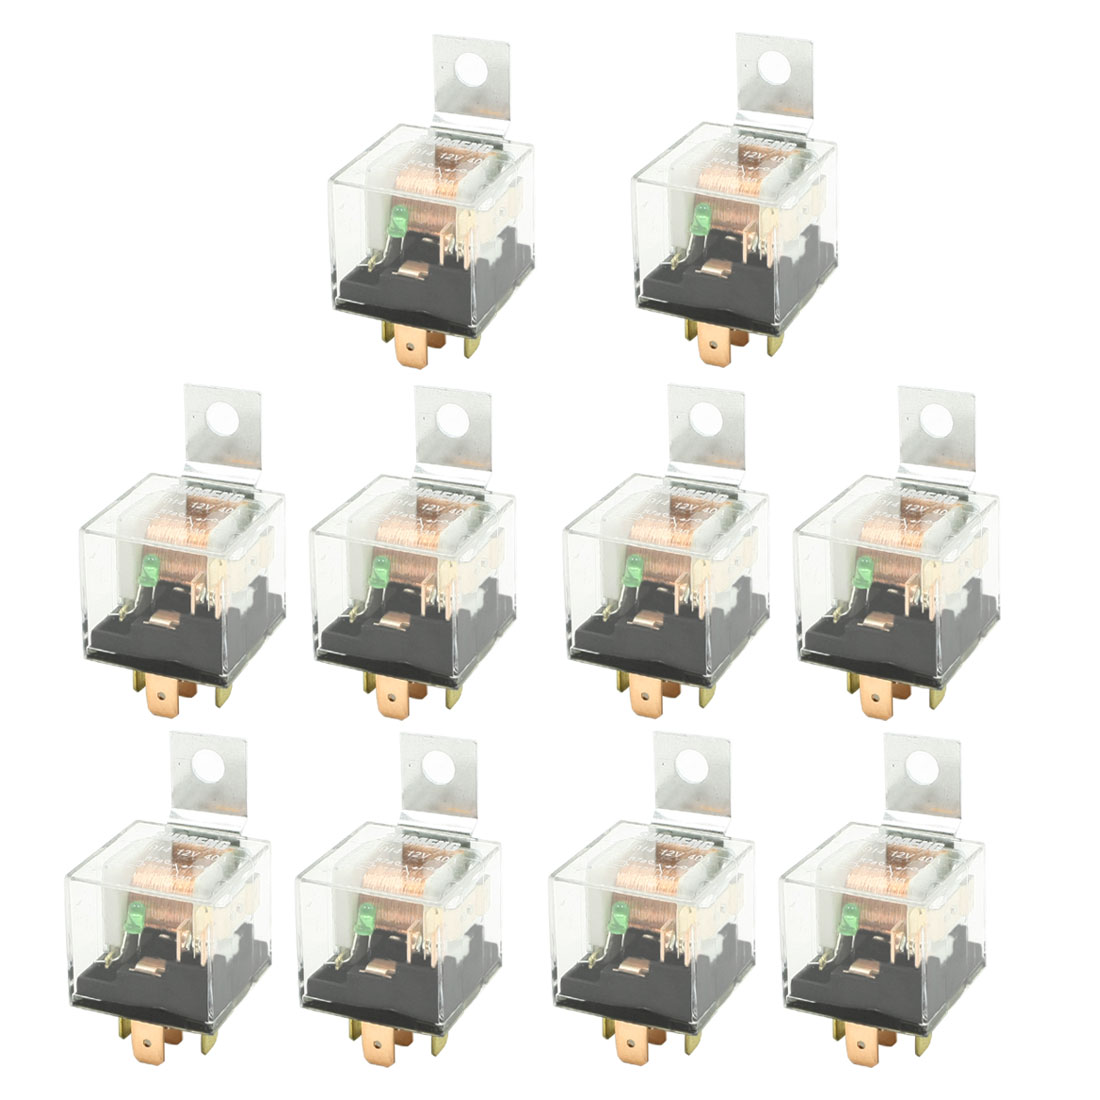 12V 40A 5P SPDT 1NO 1NC Green Pilot Lamp JD1914 Car Relay 10 Pcs